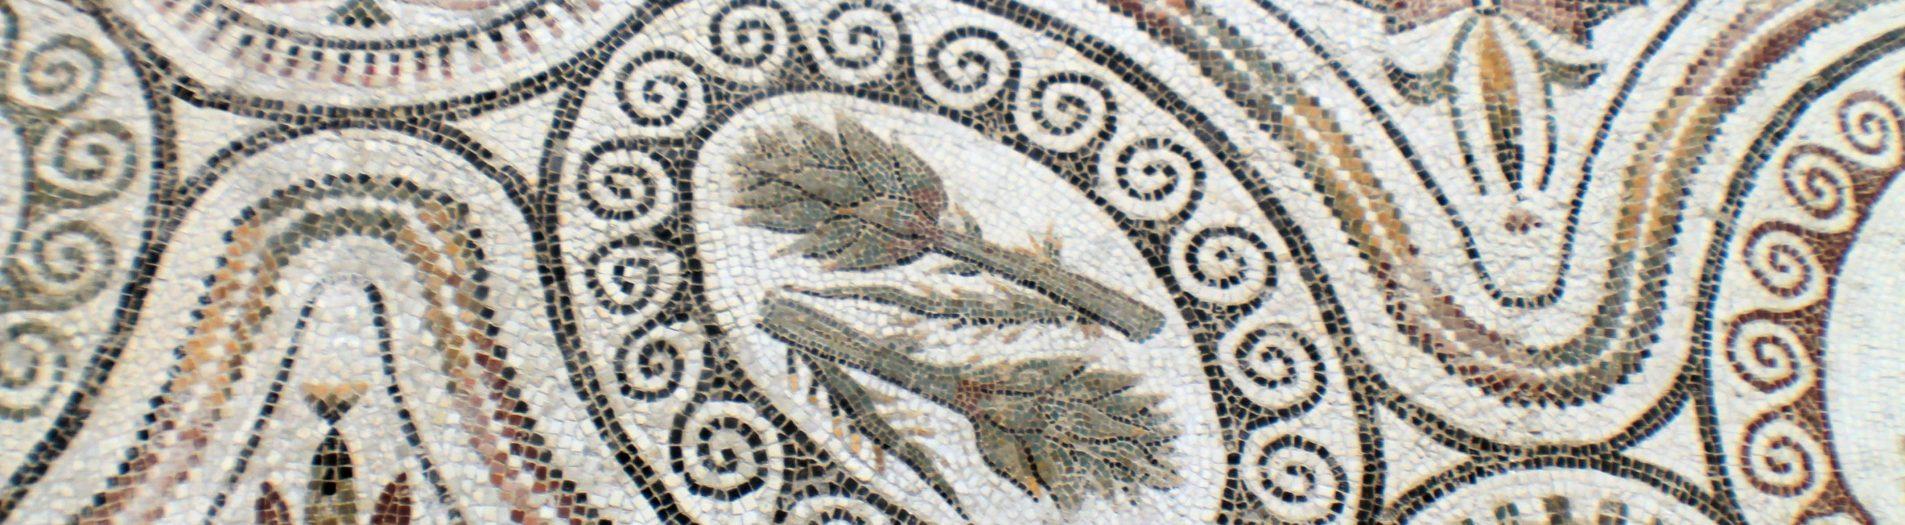 L'artichaut dans la mosaïque romaine en Tunisie